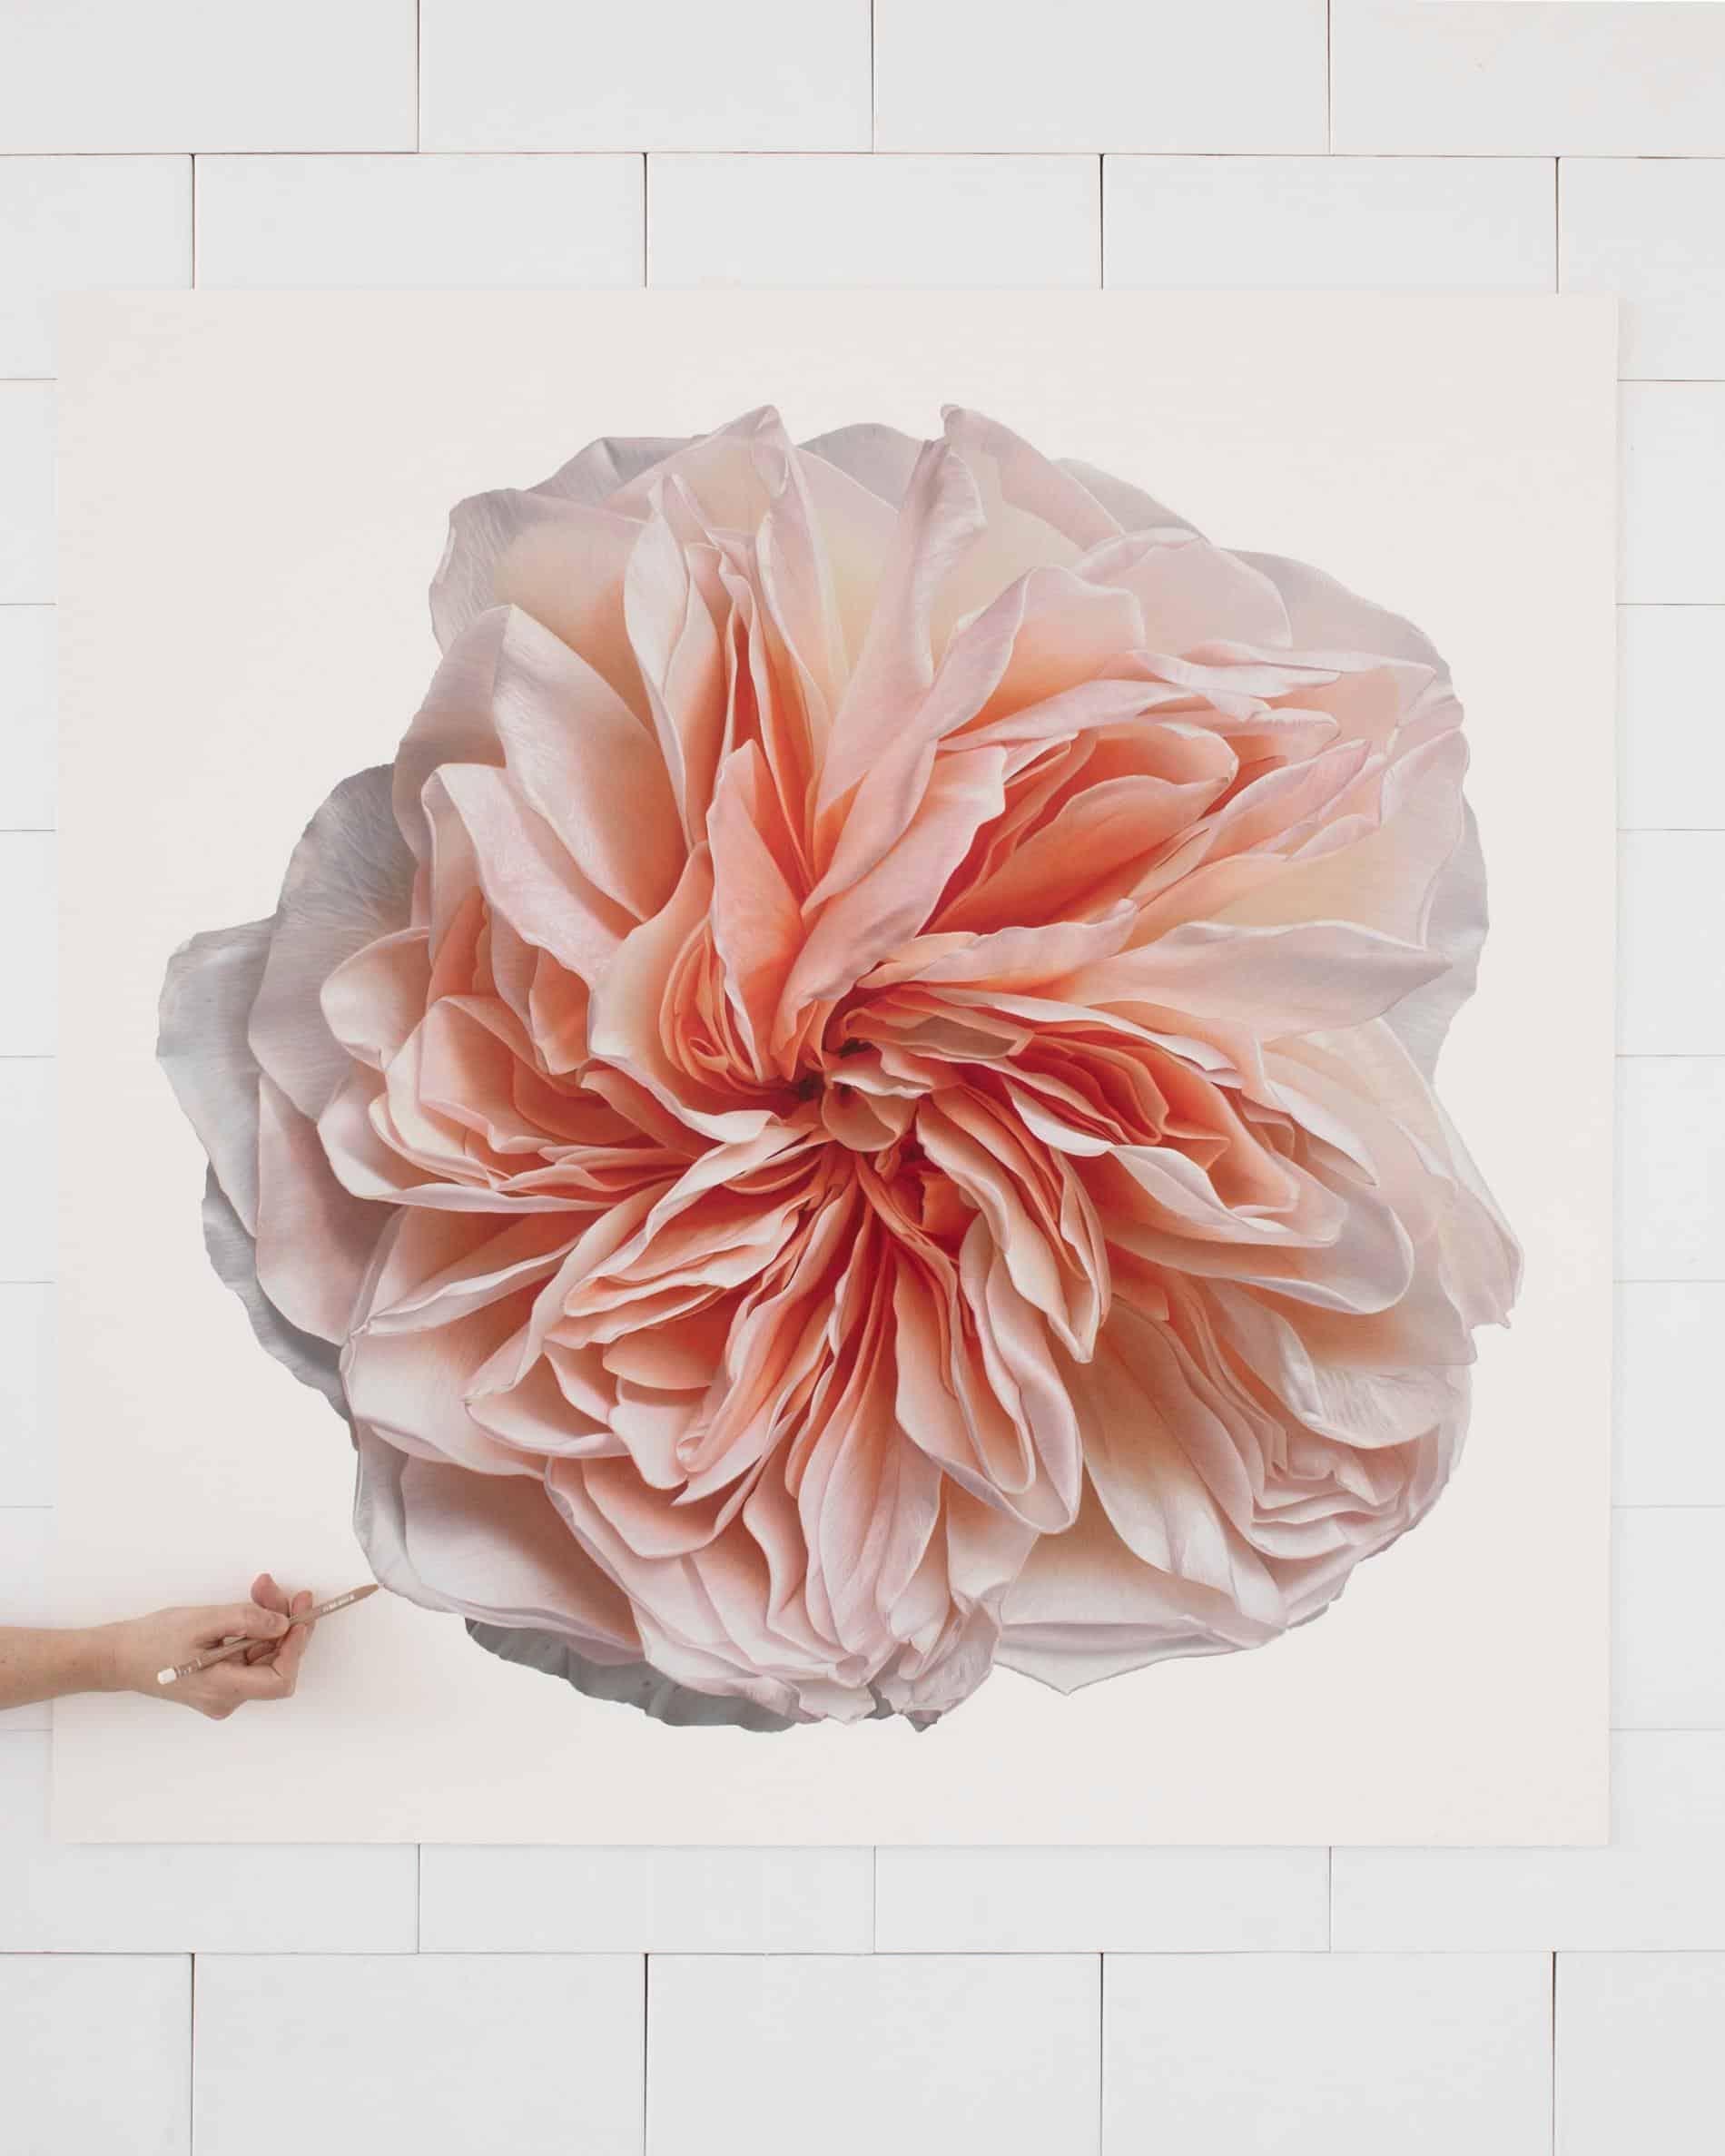 hendry flor bloom detalle peach rose d